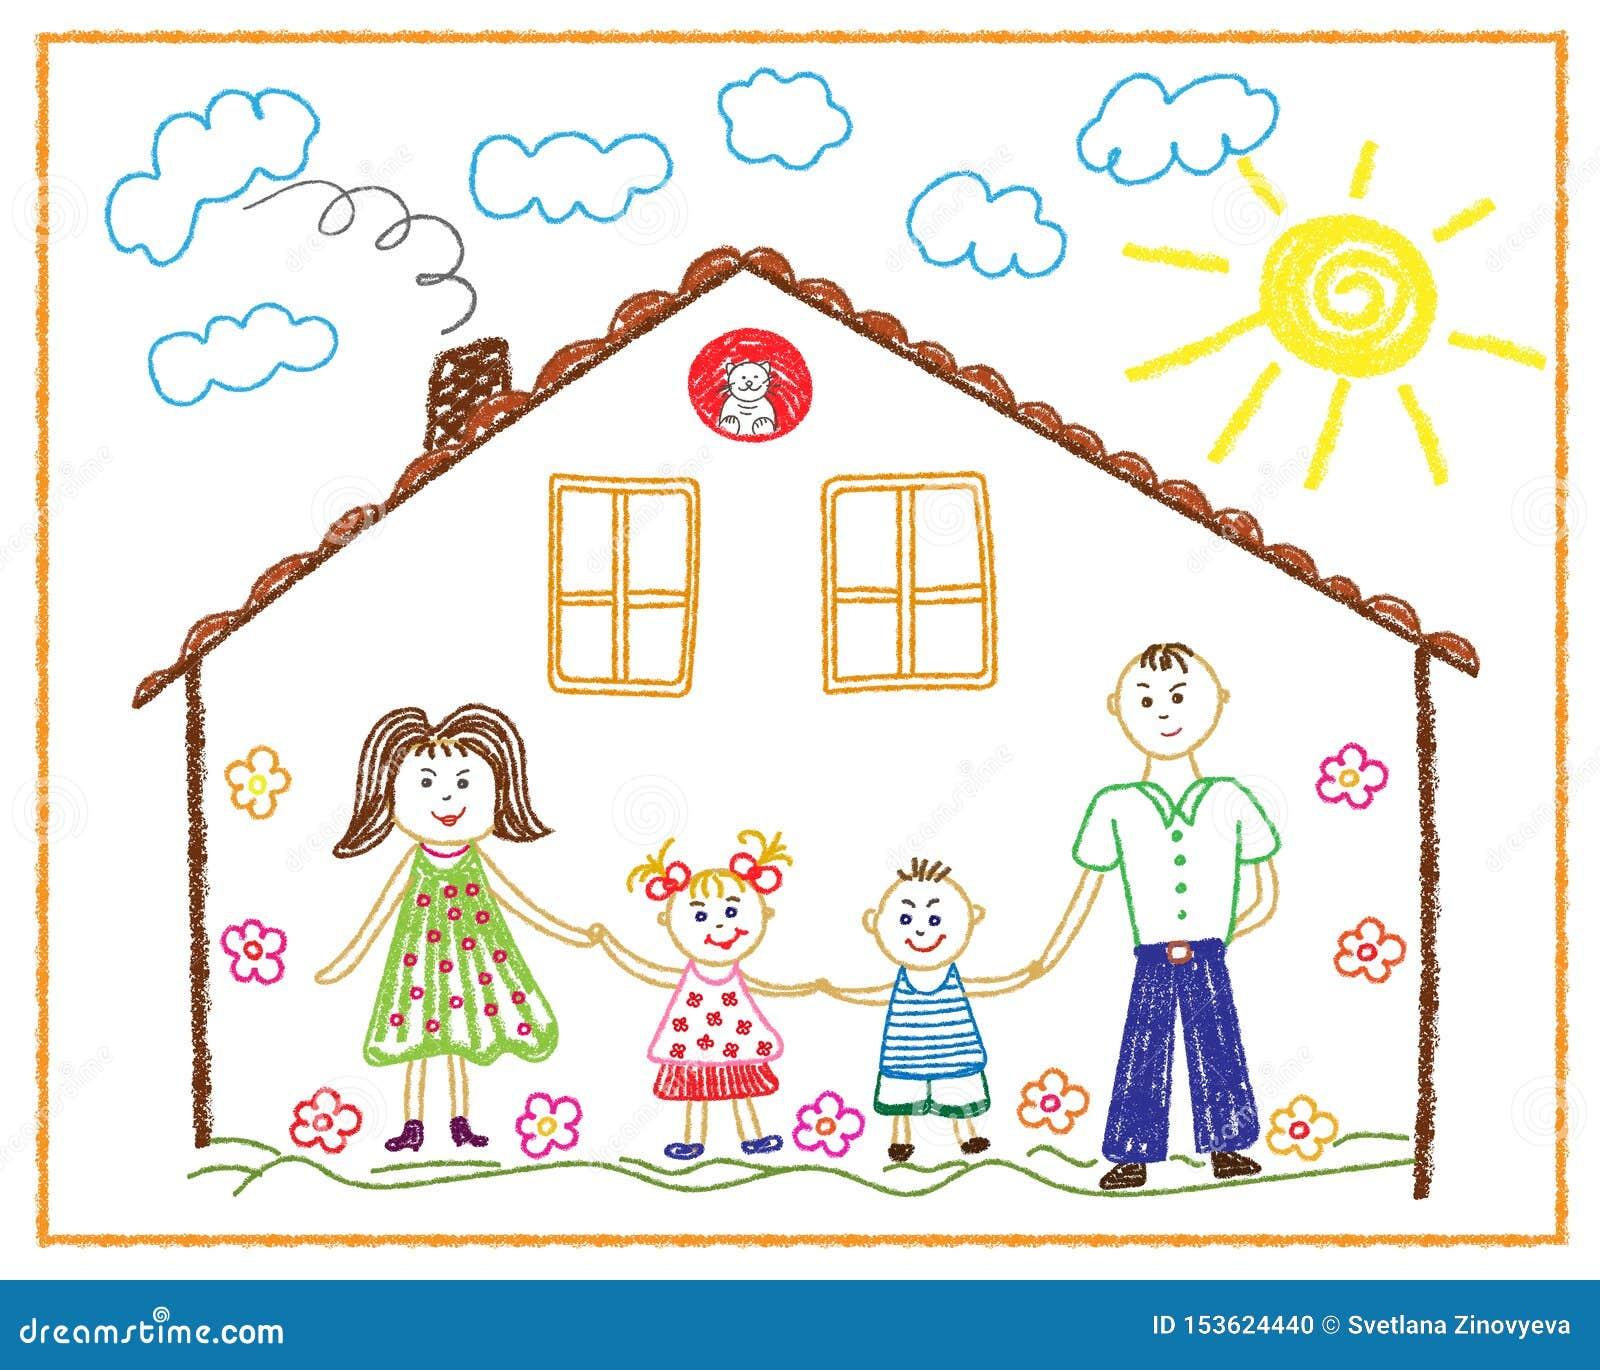 Dziecko ołówkowy rysunek na tum rodzinie, dom, przyjaźń, miłość